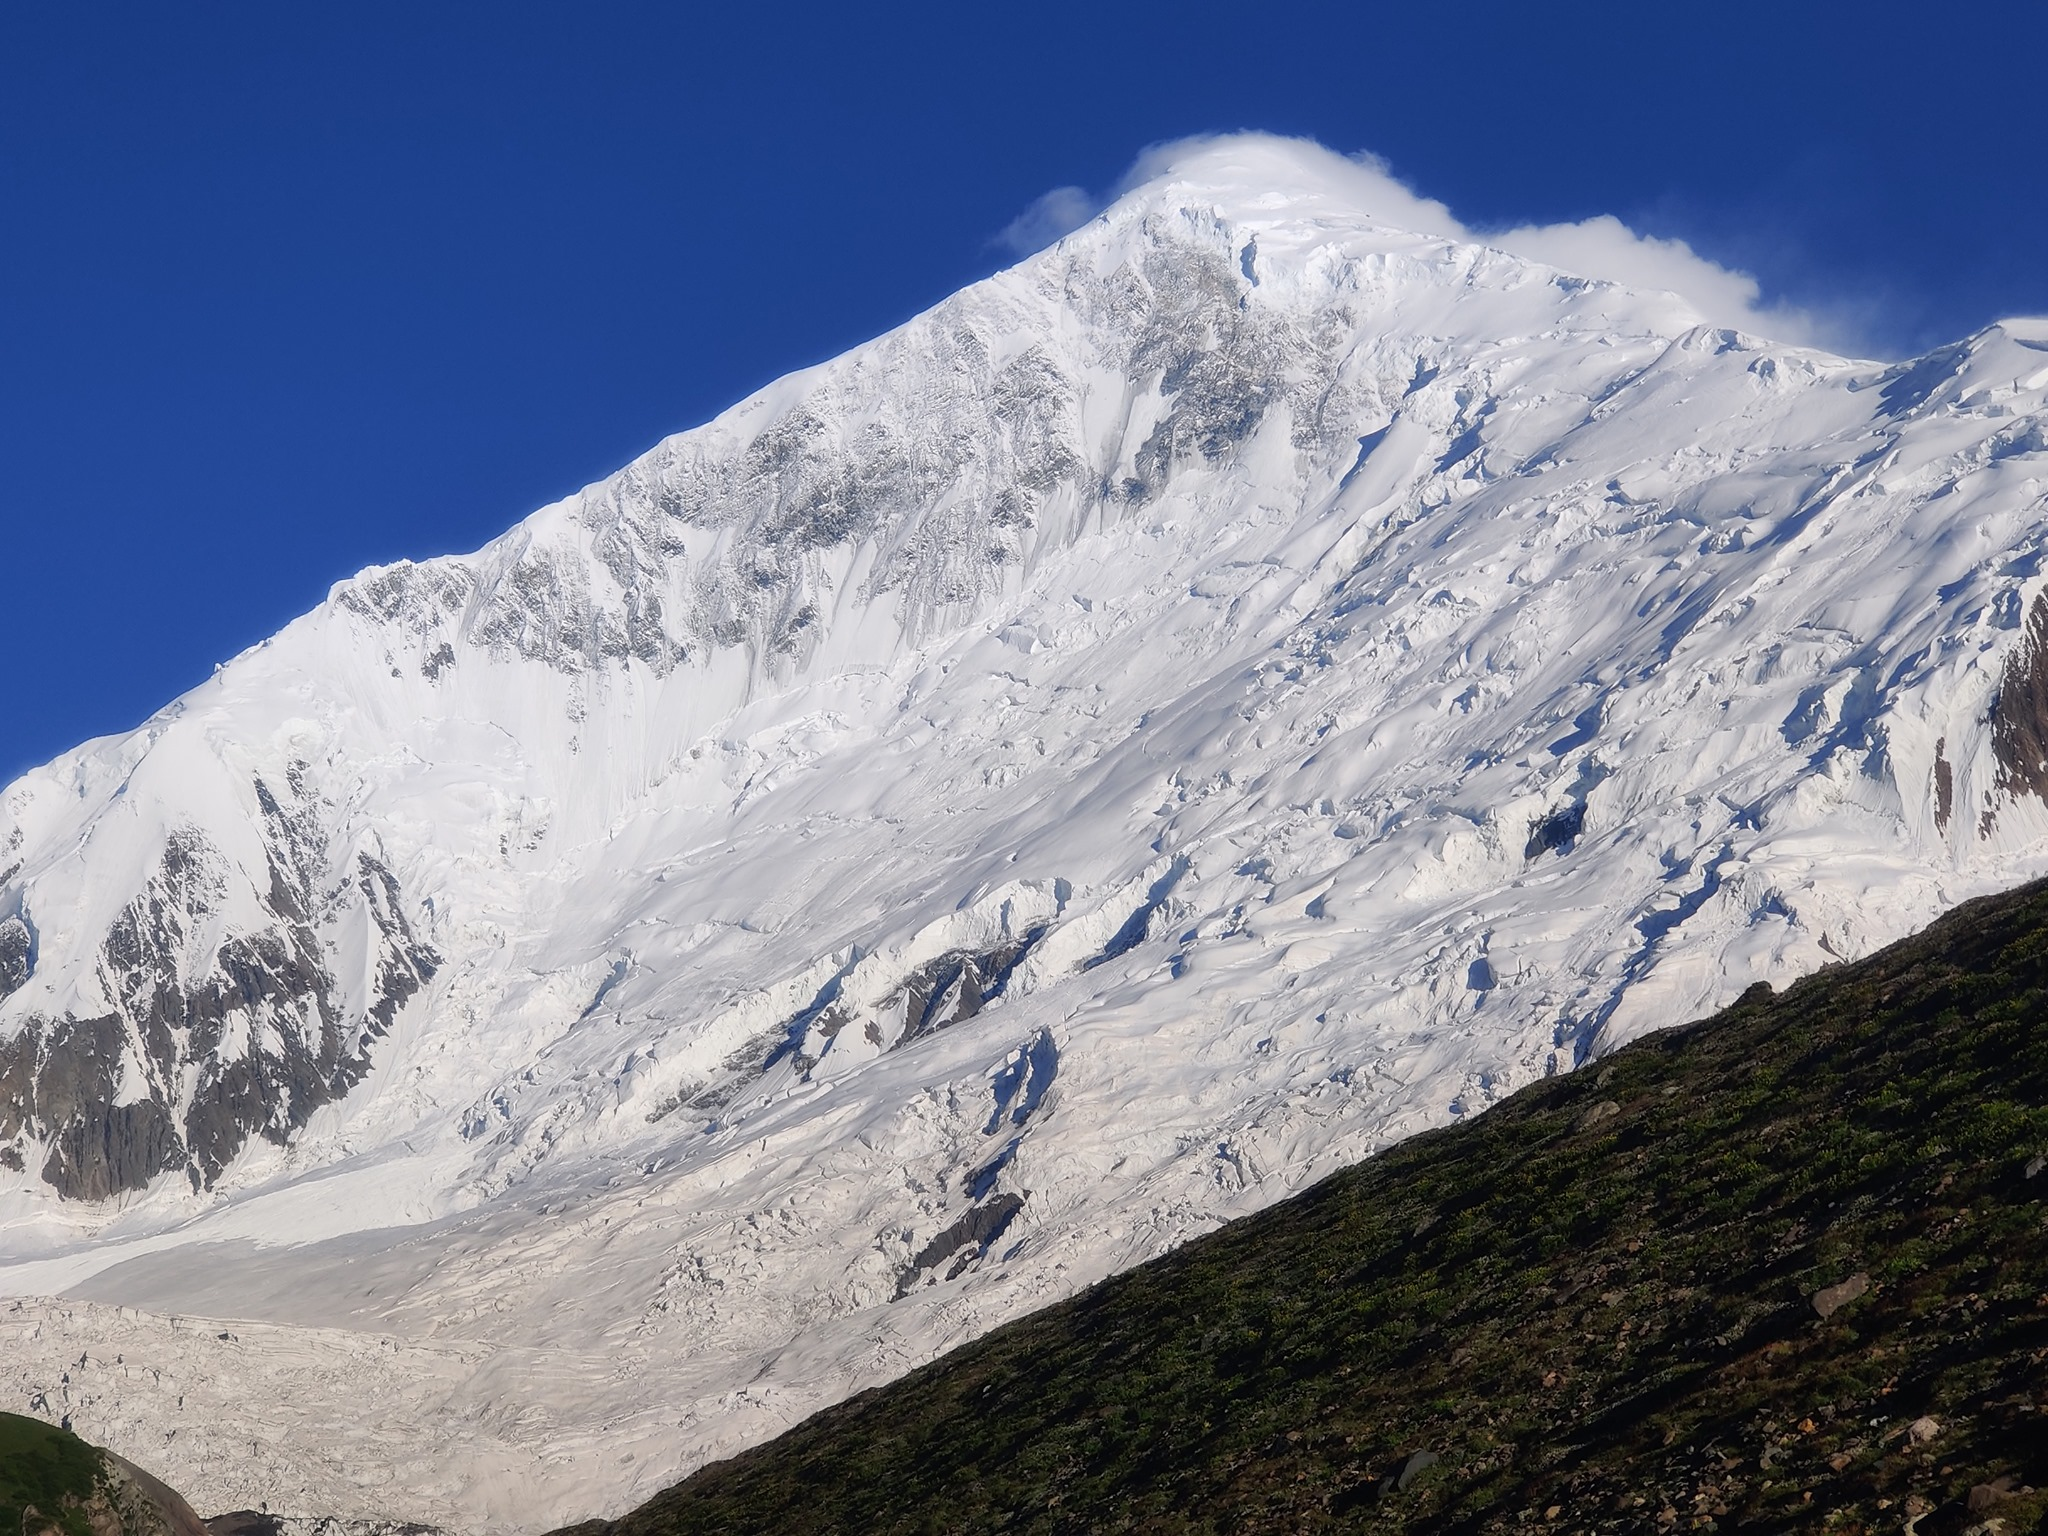 Diran, a snowy pyramid